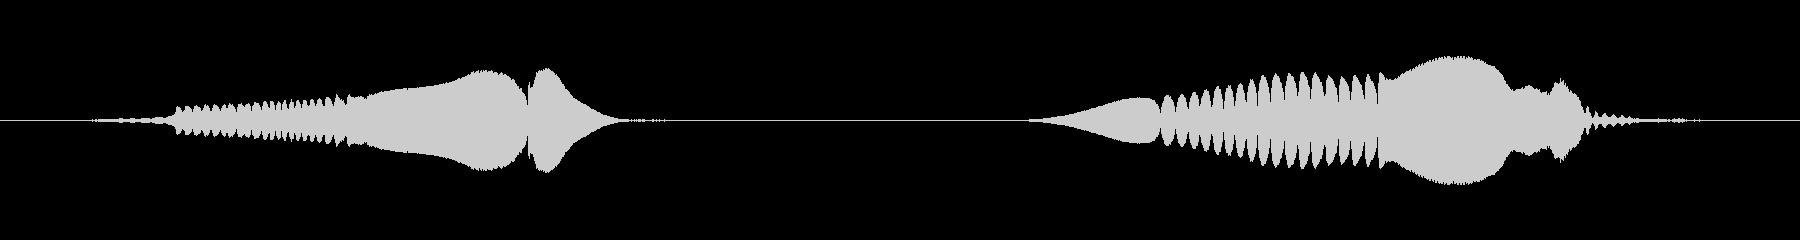 ヒヨコの鳴き声(ピヨピヨ)の未再生の波形